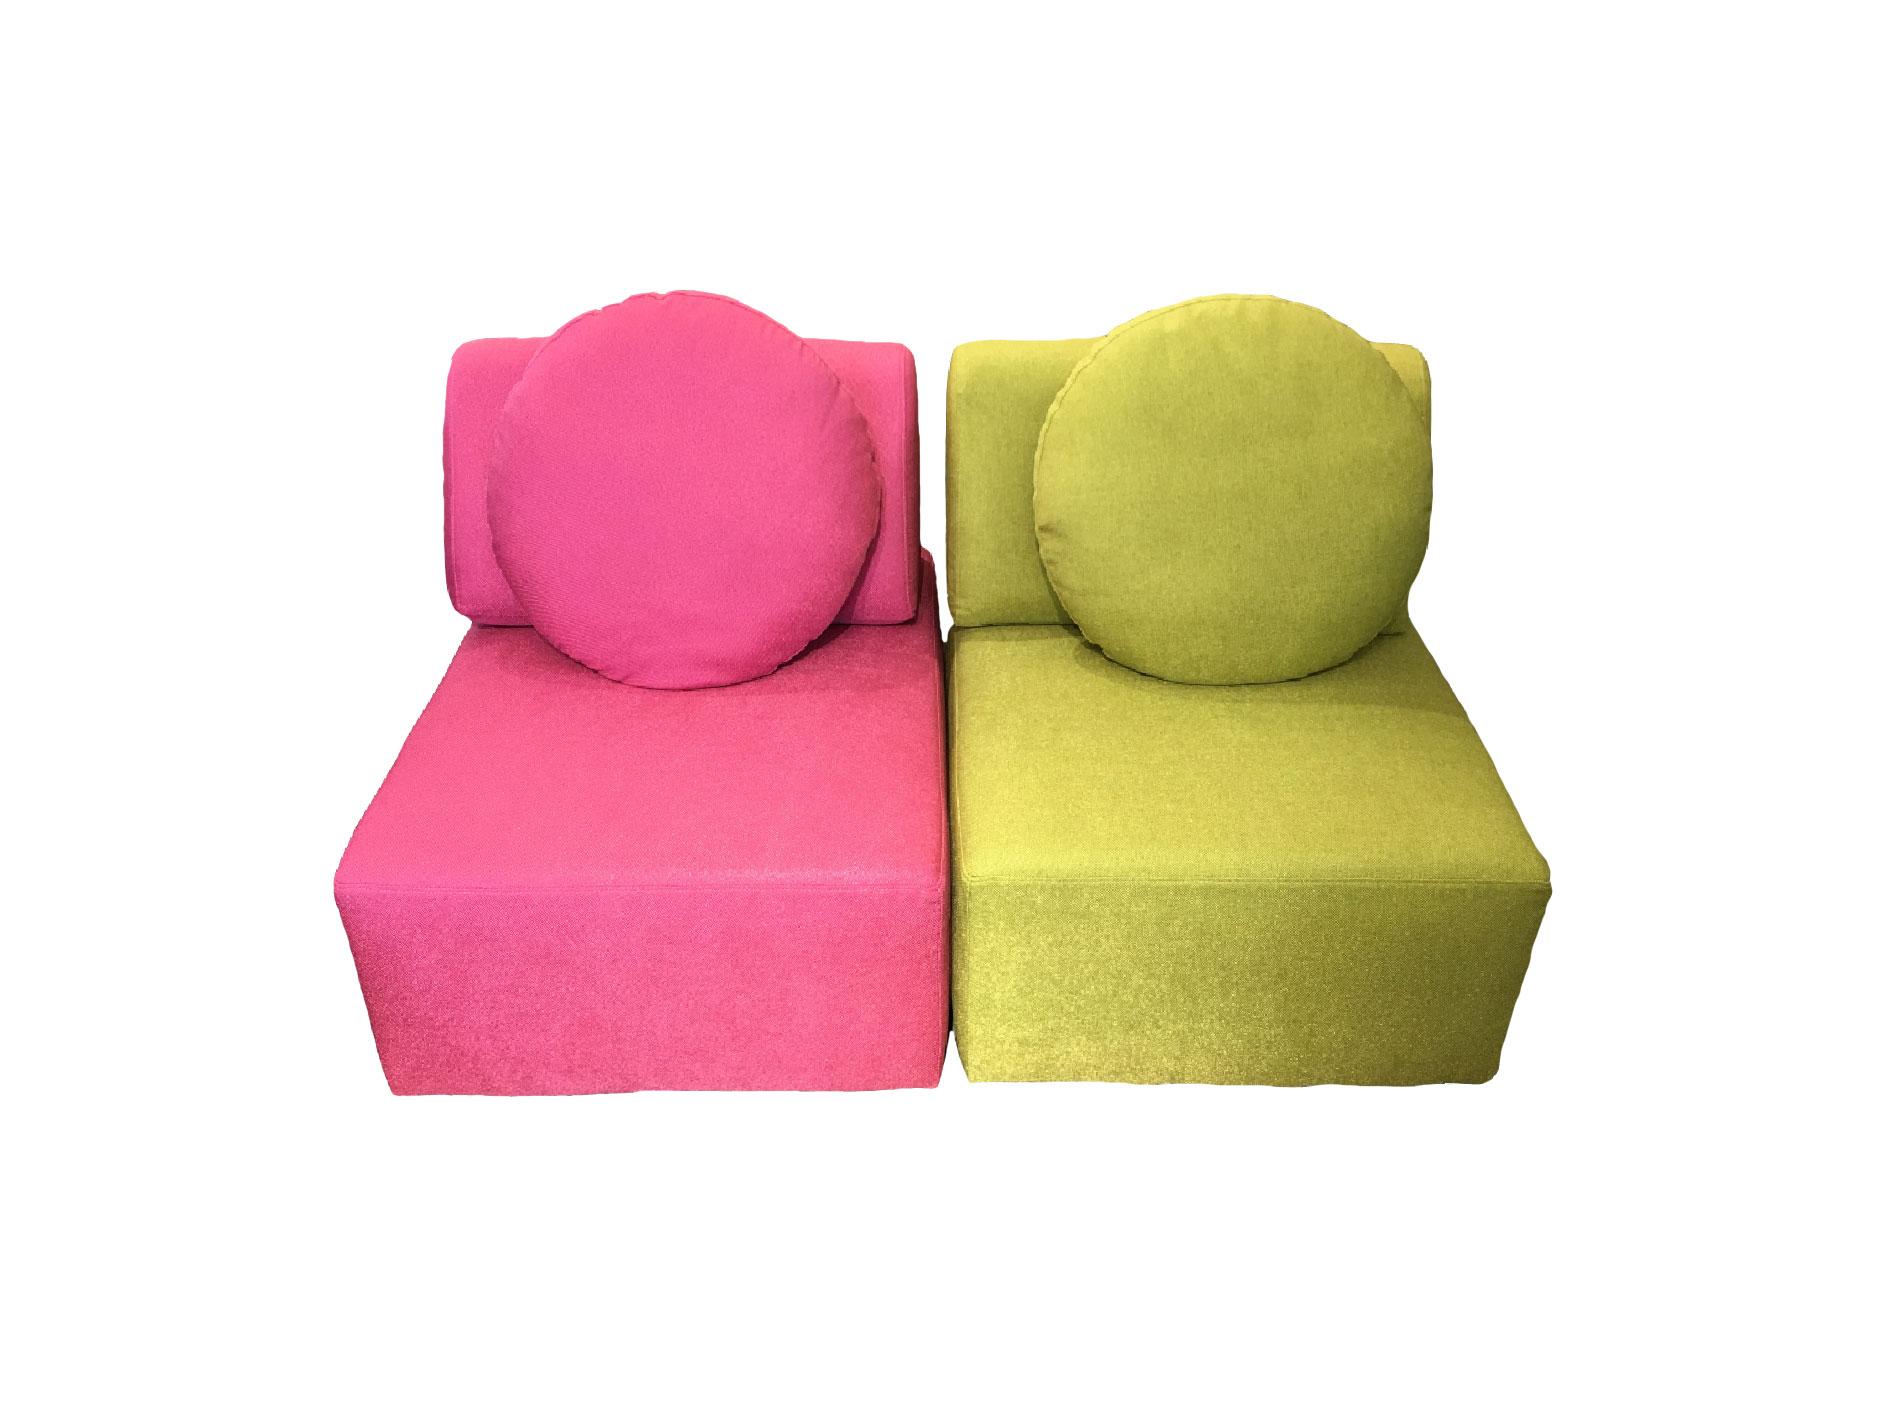 Valerio Designer Italian Fabric Sofa –  Circo/A Modular Sofa L/R